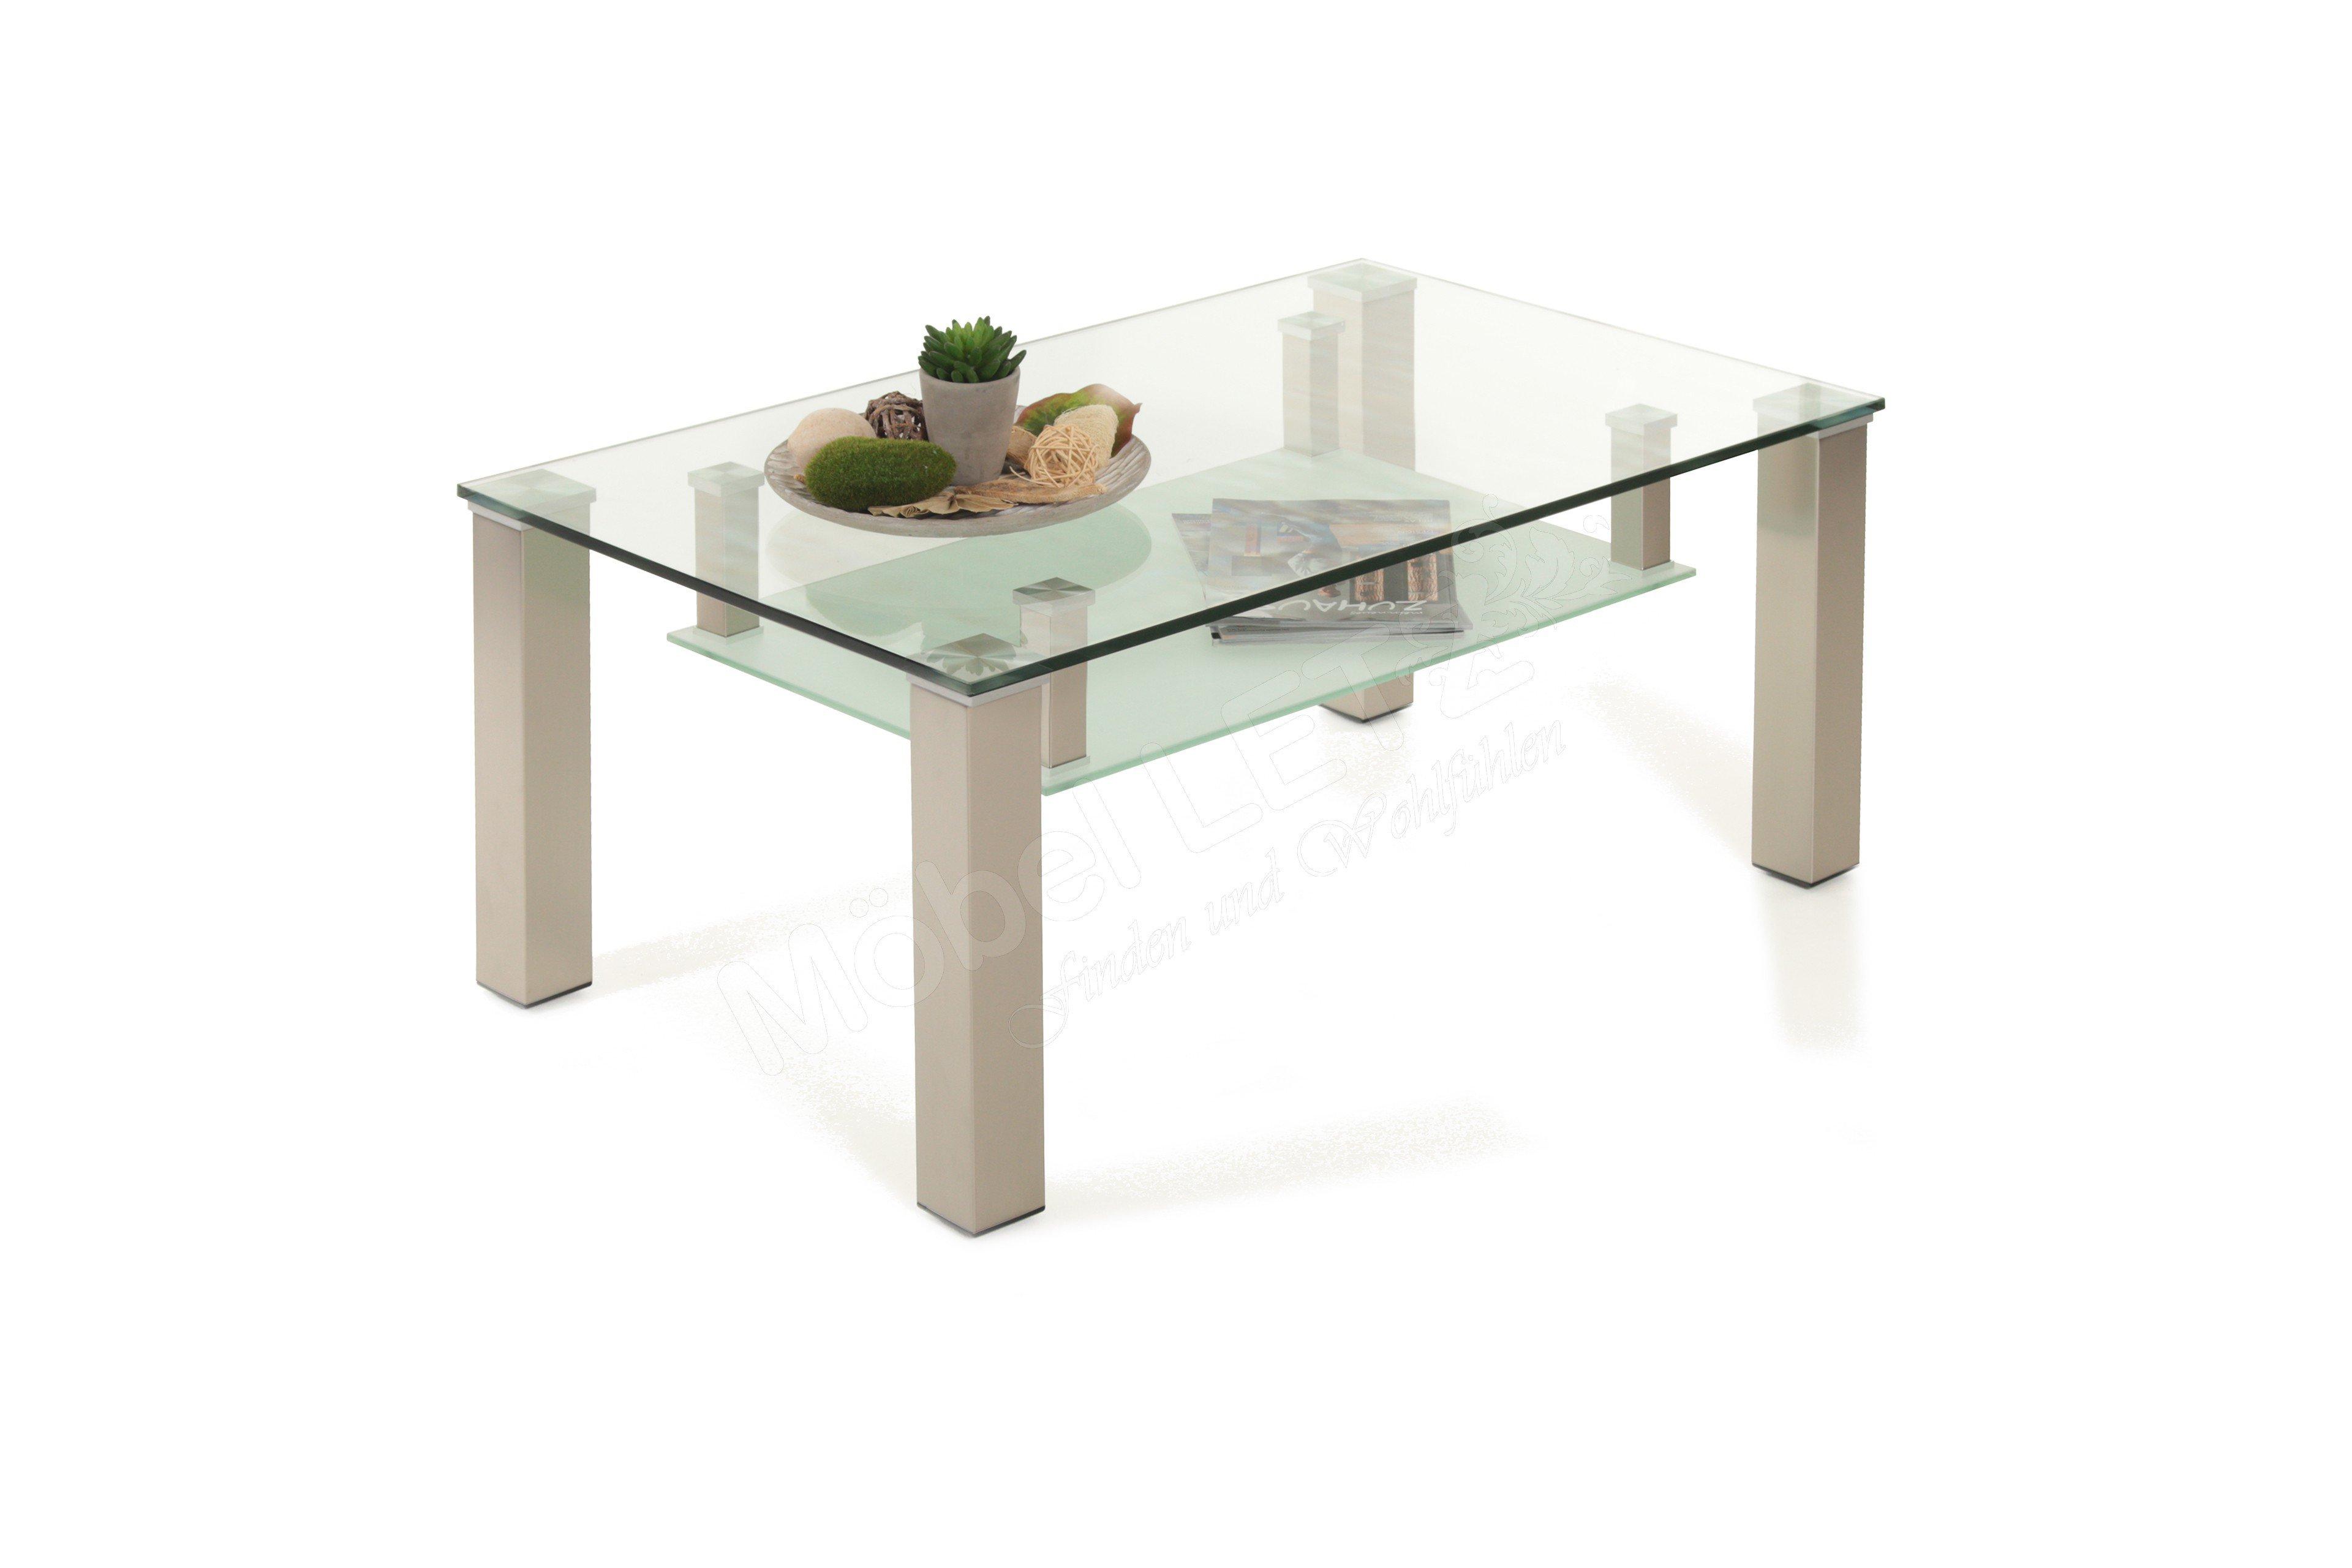 couchtisch kufen glas die neuesten innenarchitekturideen. Black Bedroom Furniture Sets. Home Design Ideas